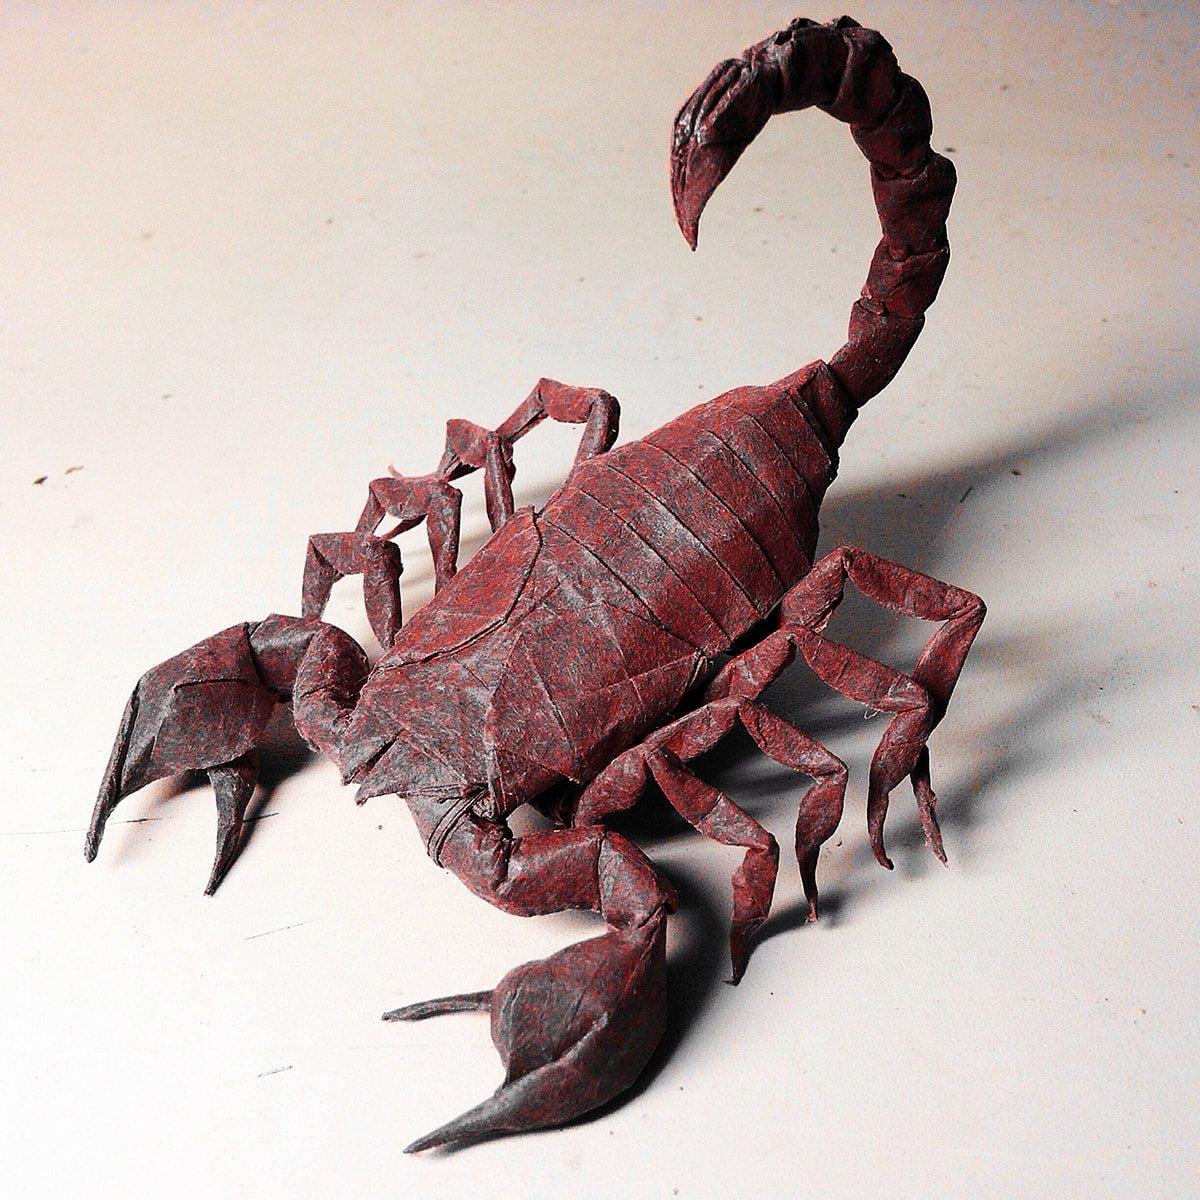 Scorpion by Kota Imai (Scorpio)